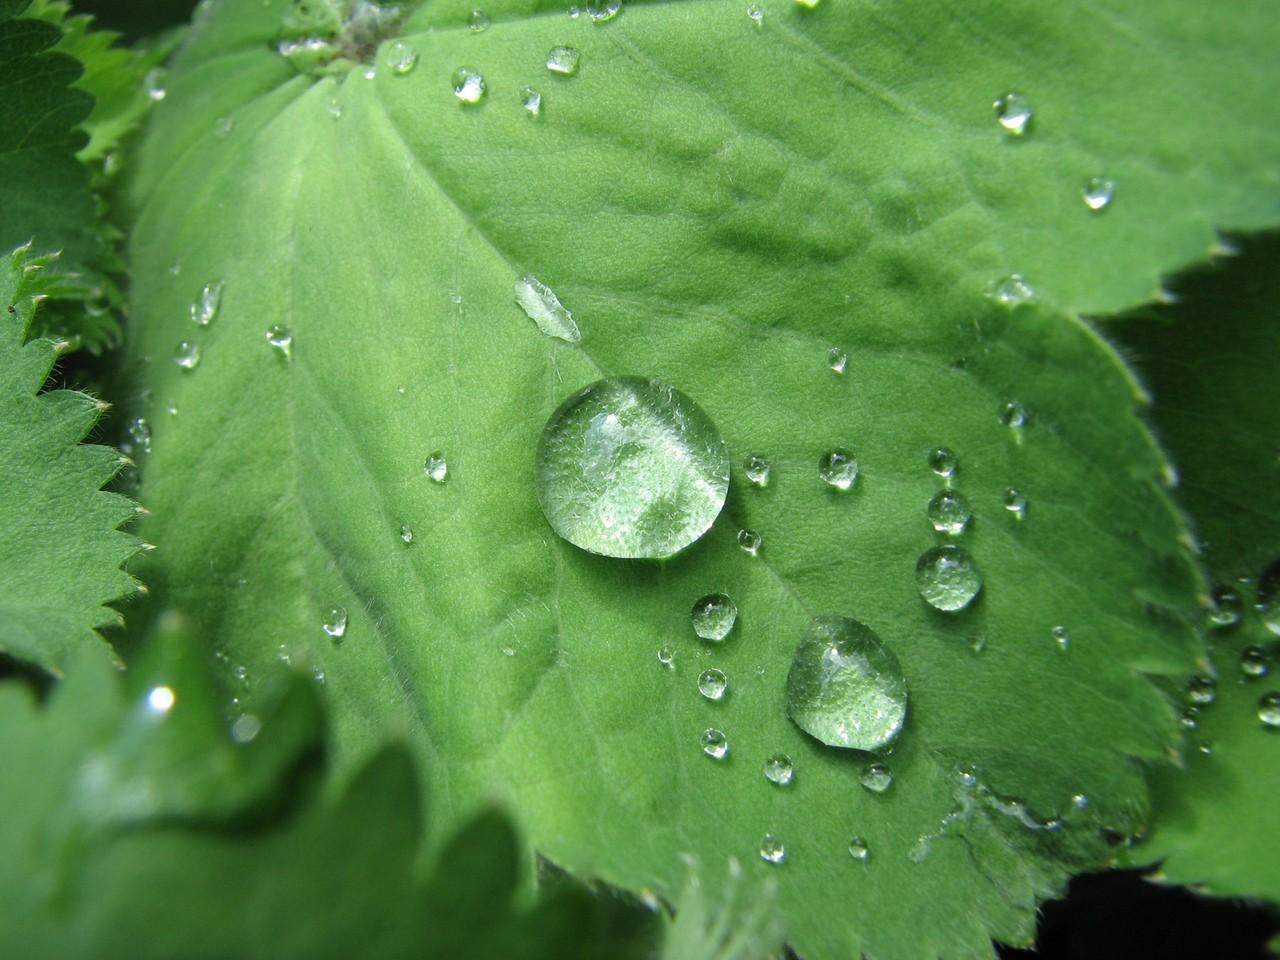 Pozytywne i negatywne aspekty medycyny naturalnej